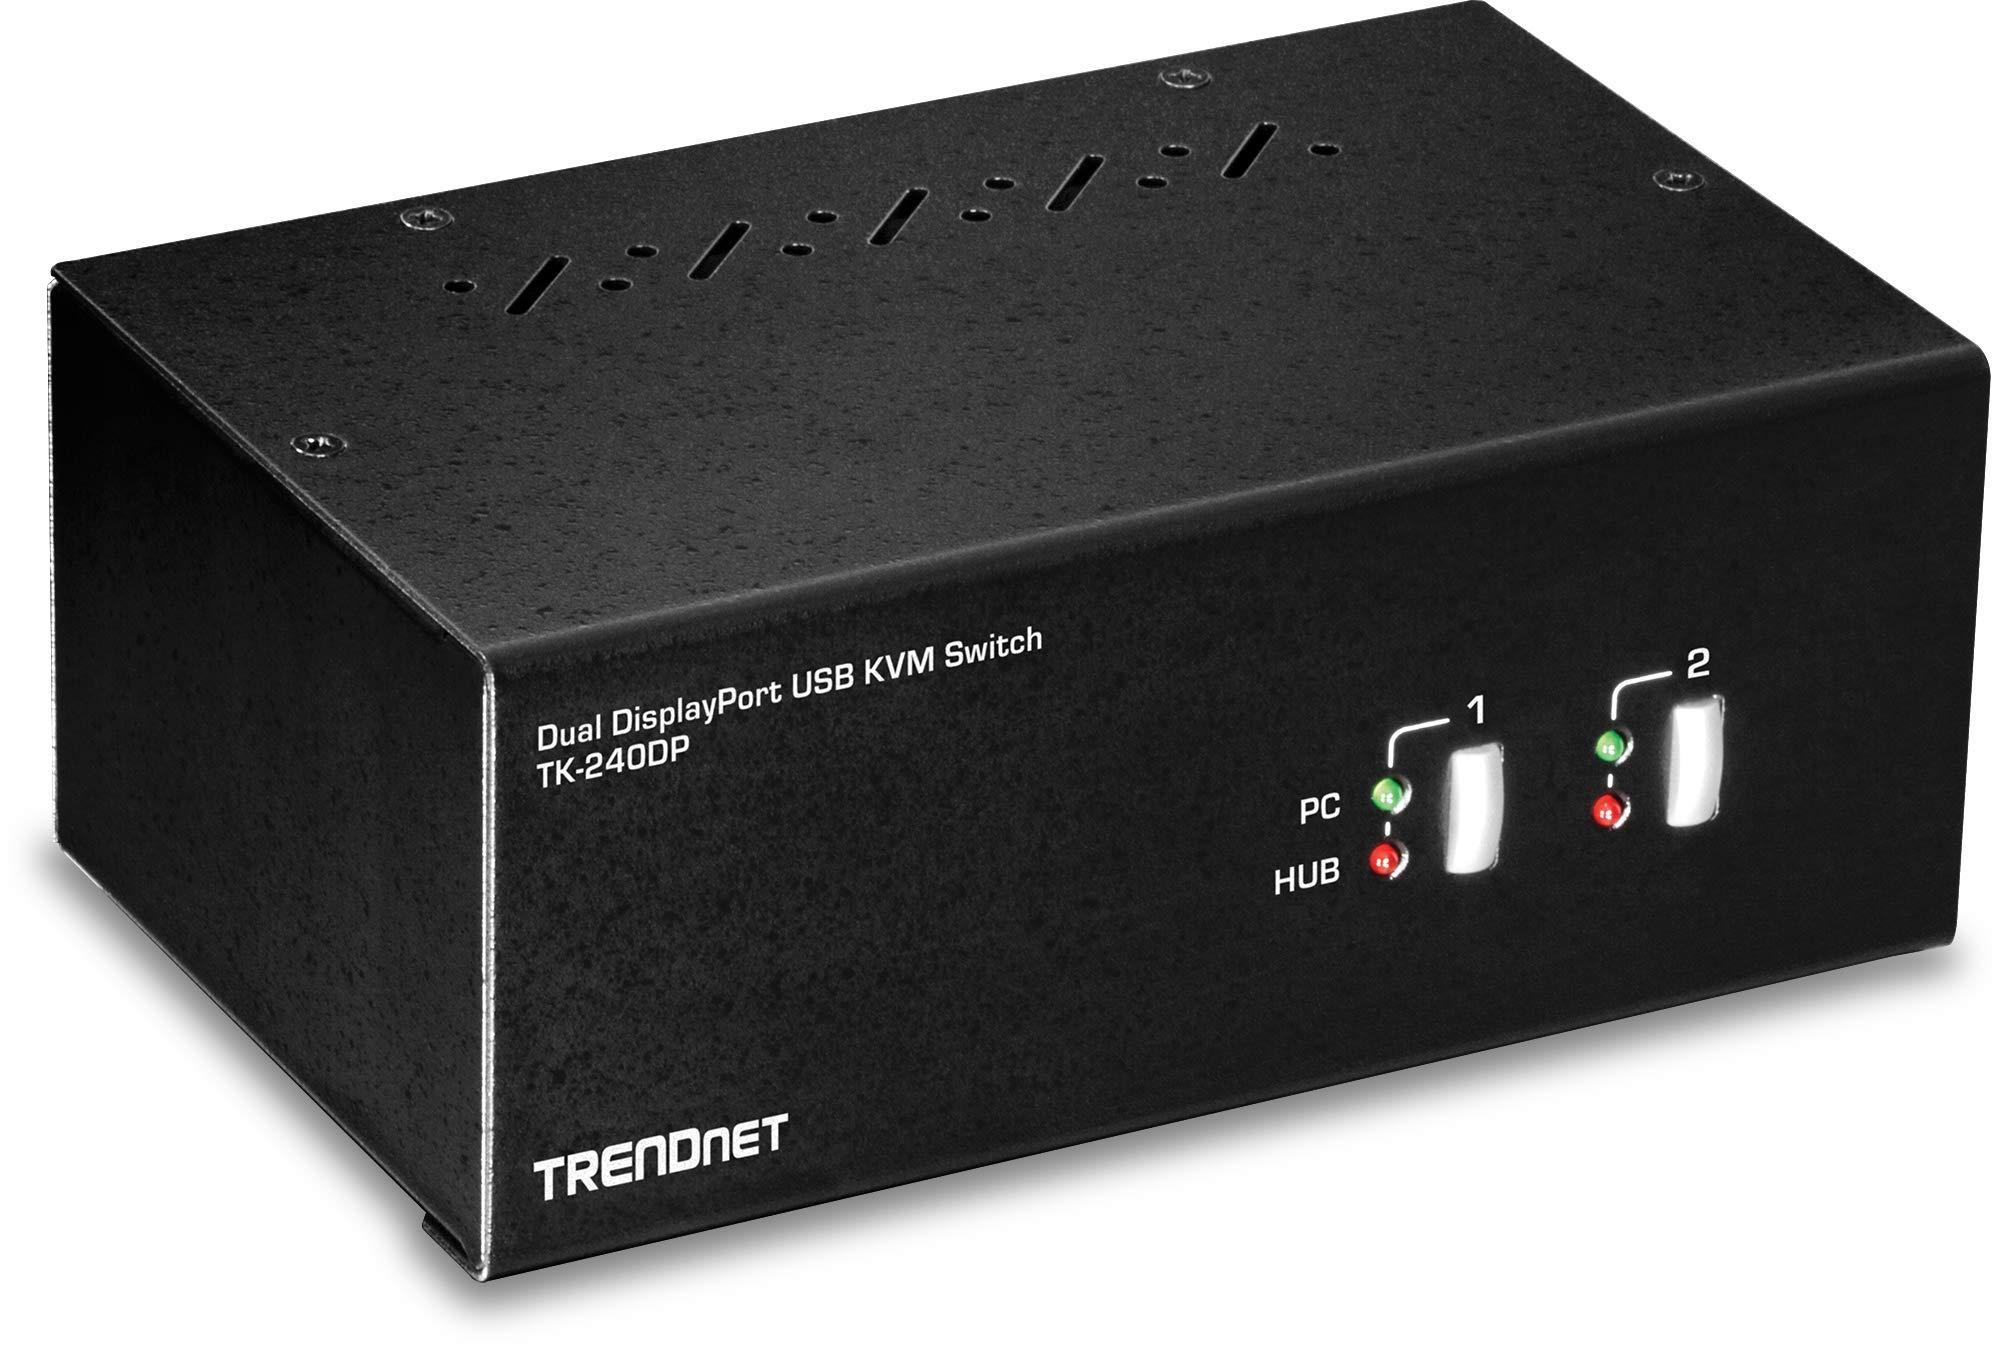 TRENDnet 2-Port Dual Monitor DisplayPort KVM Switch with Audio, 2-Port USB 2.0 Hub, 4K UHD Resolutions Up to 3840 X 2160, TK-240DP